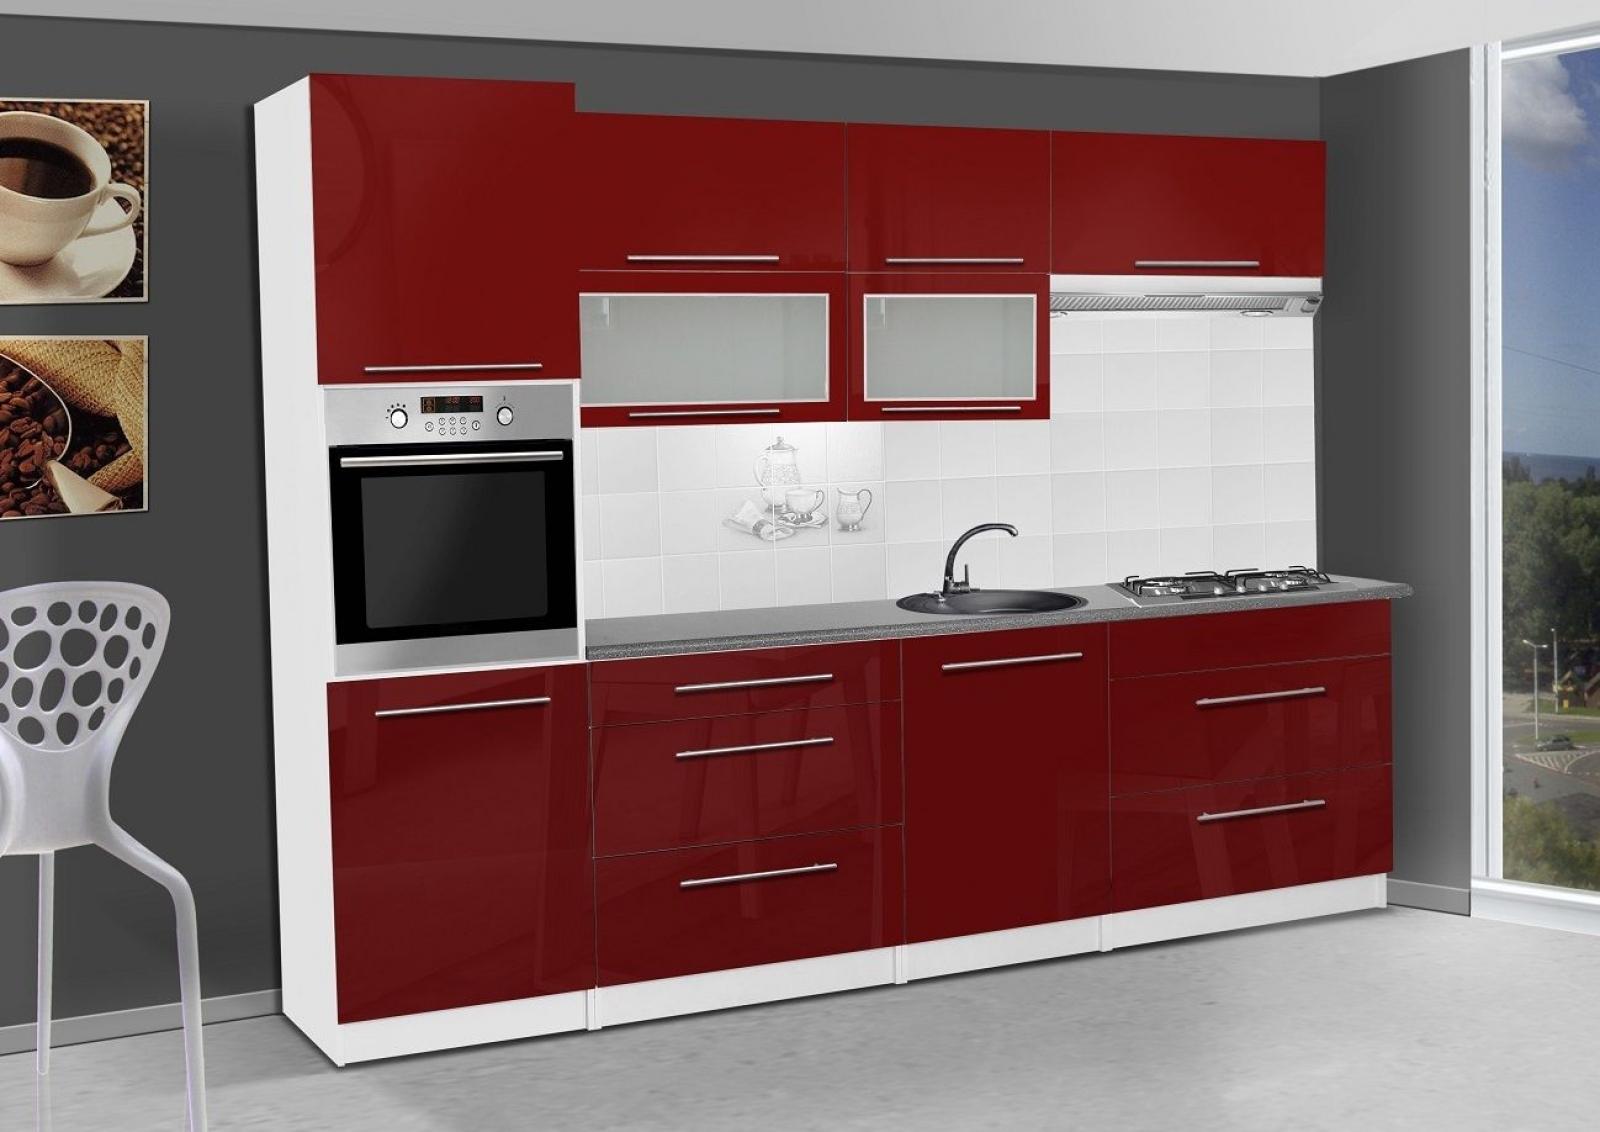 Hervorragend KAUFEXPERT - Küchenzeile Elena Rot Hochglanz 300 cm Küche  JK26